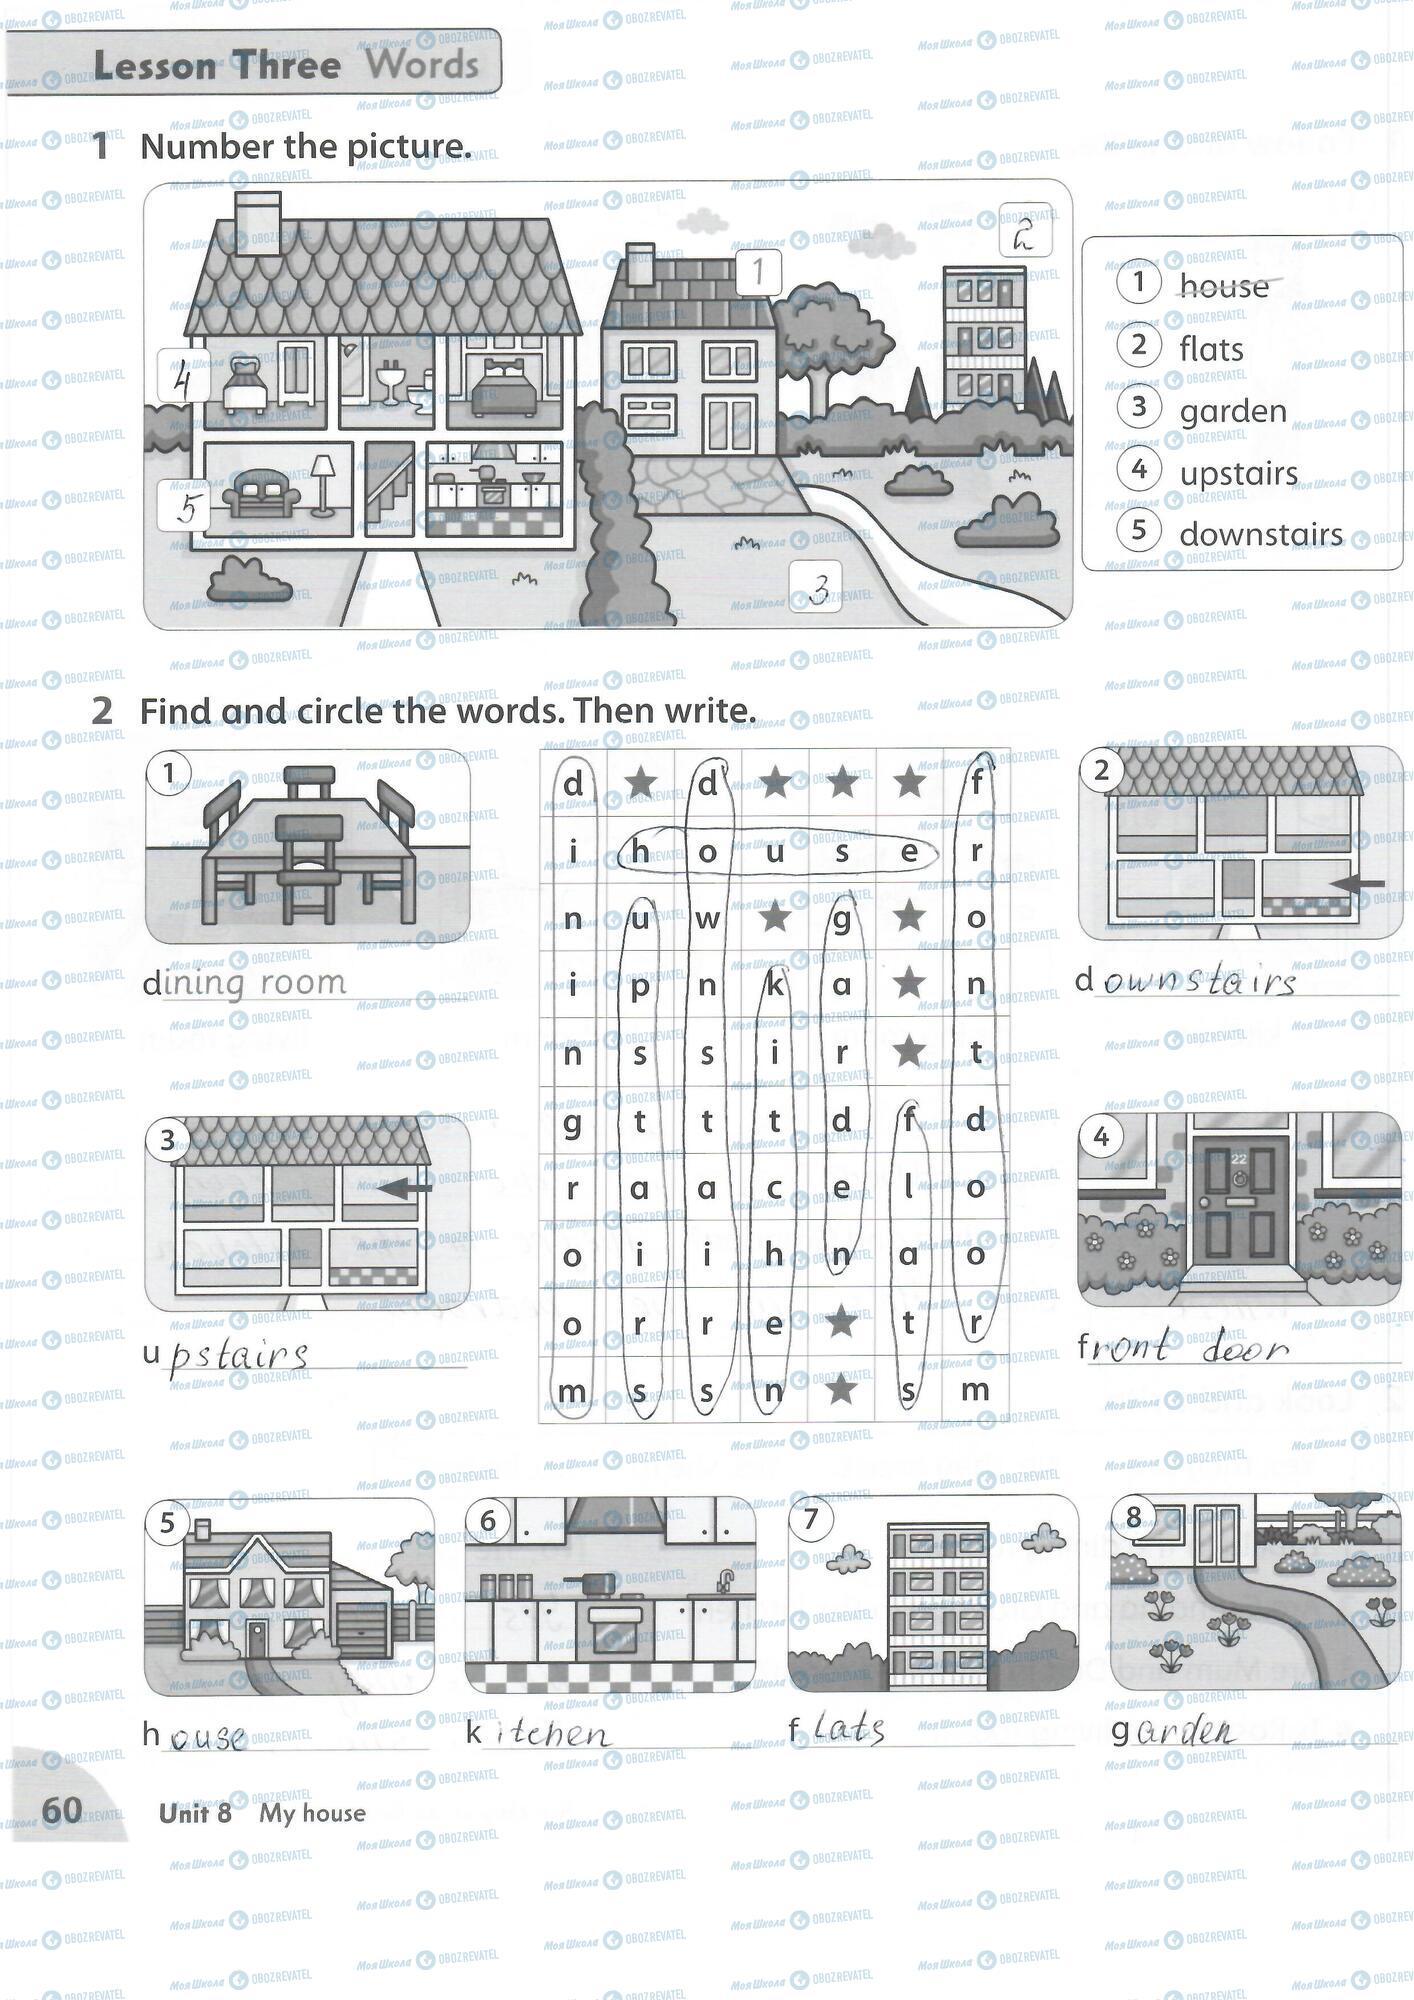 ГДЗ Англійська мова 1 клас сторінка 60